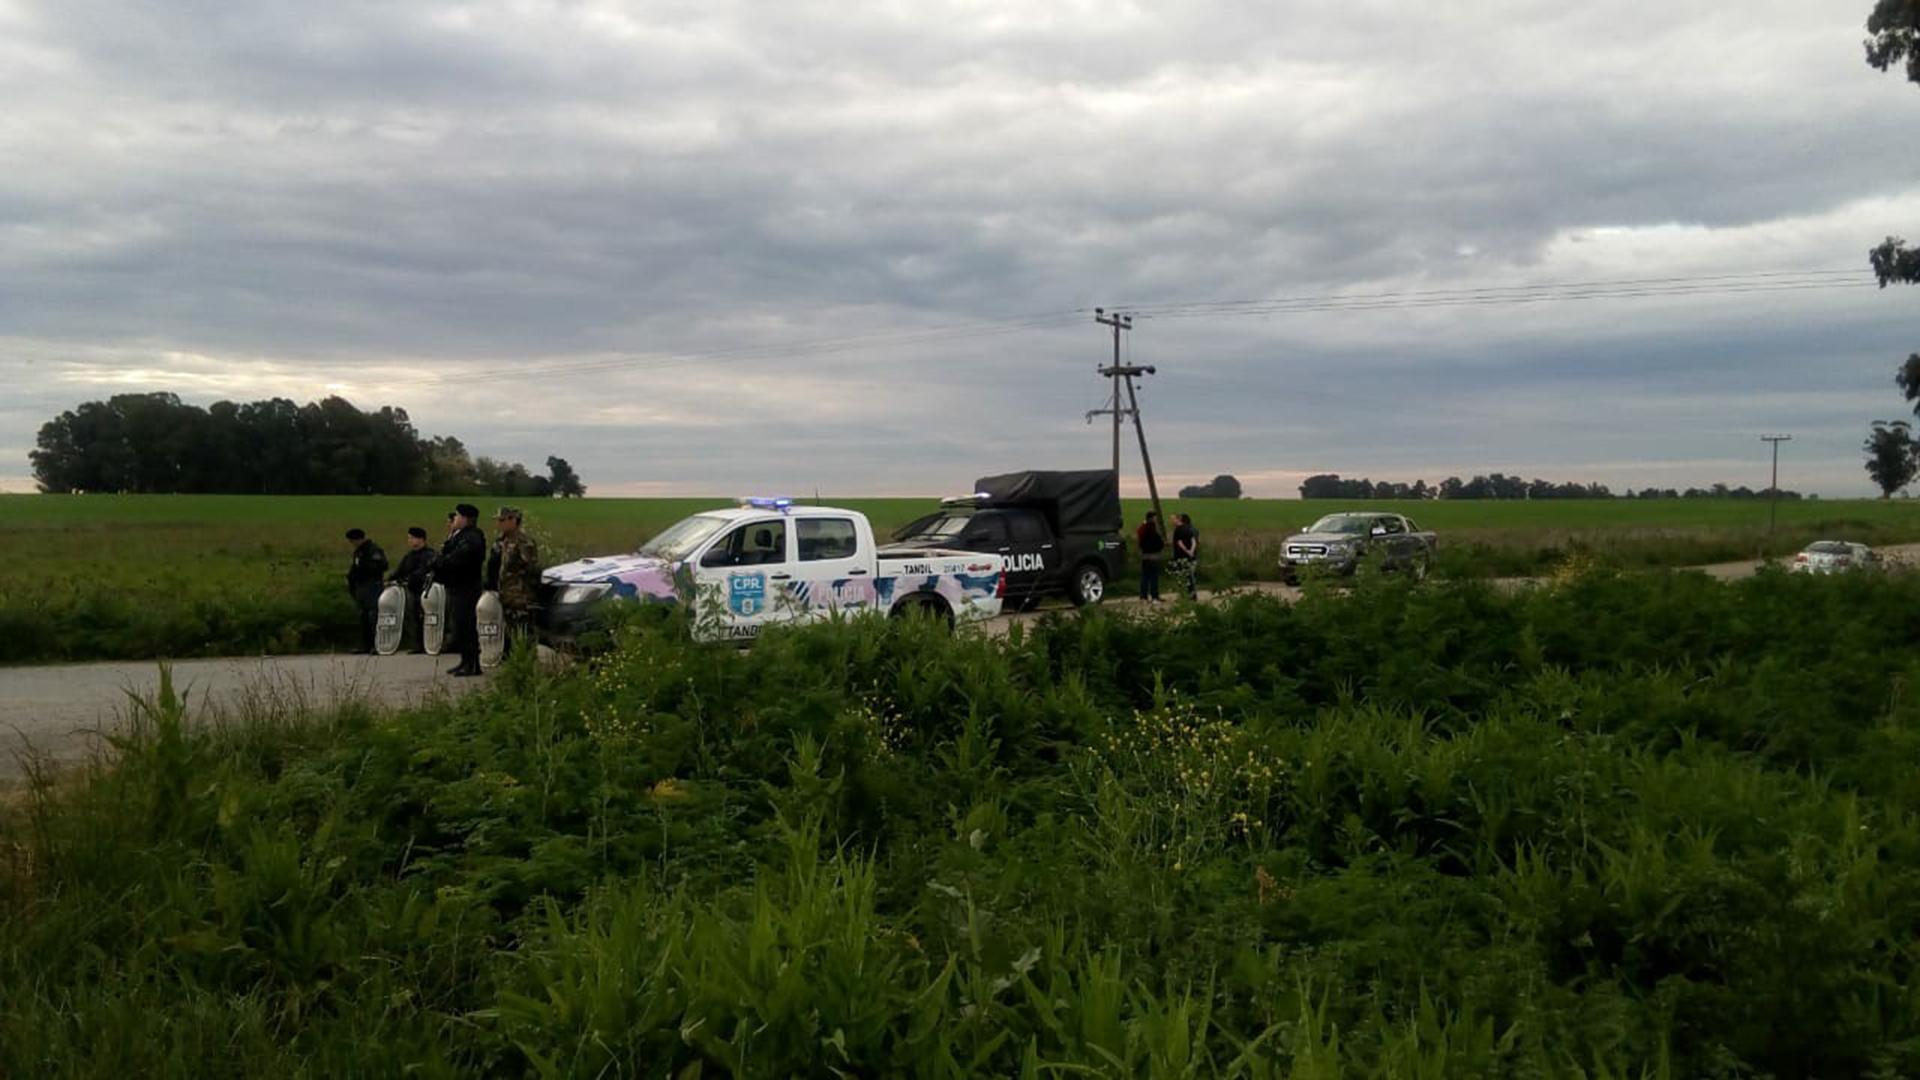 El lugar donde fue encontrado el cuerpo del joven en Tandil (ministerio de seguridad bonaerense)